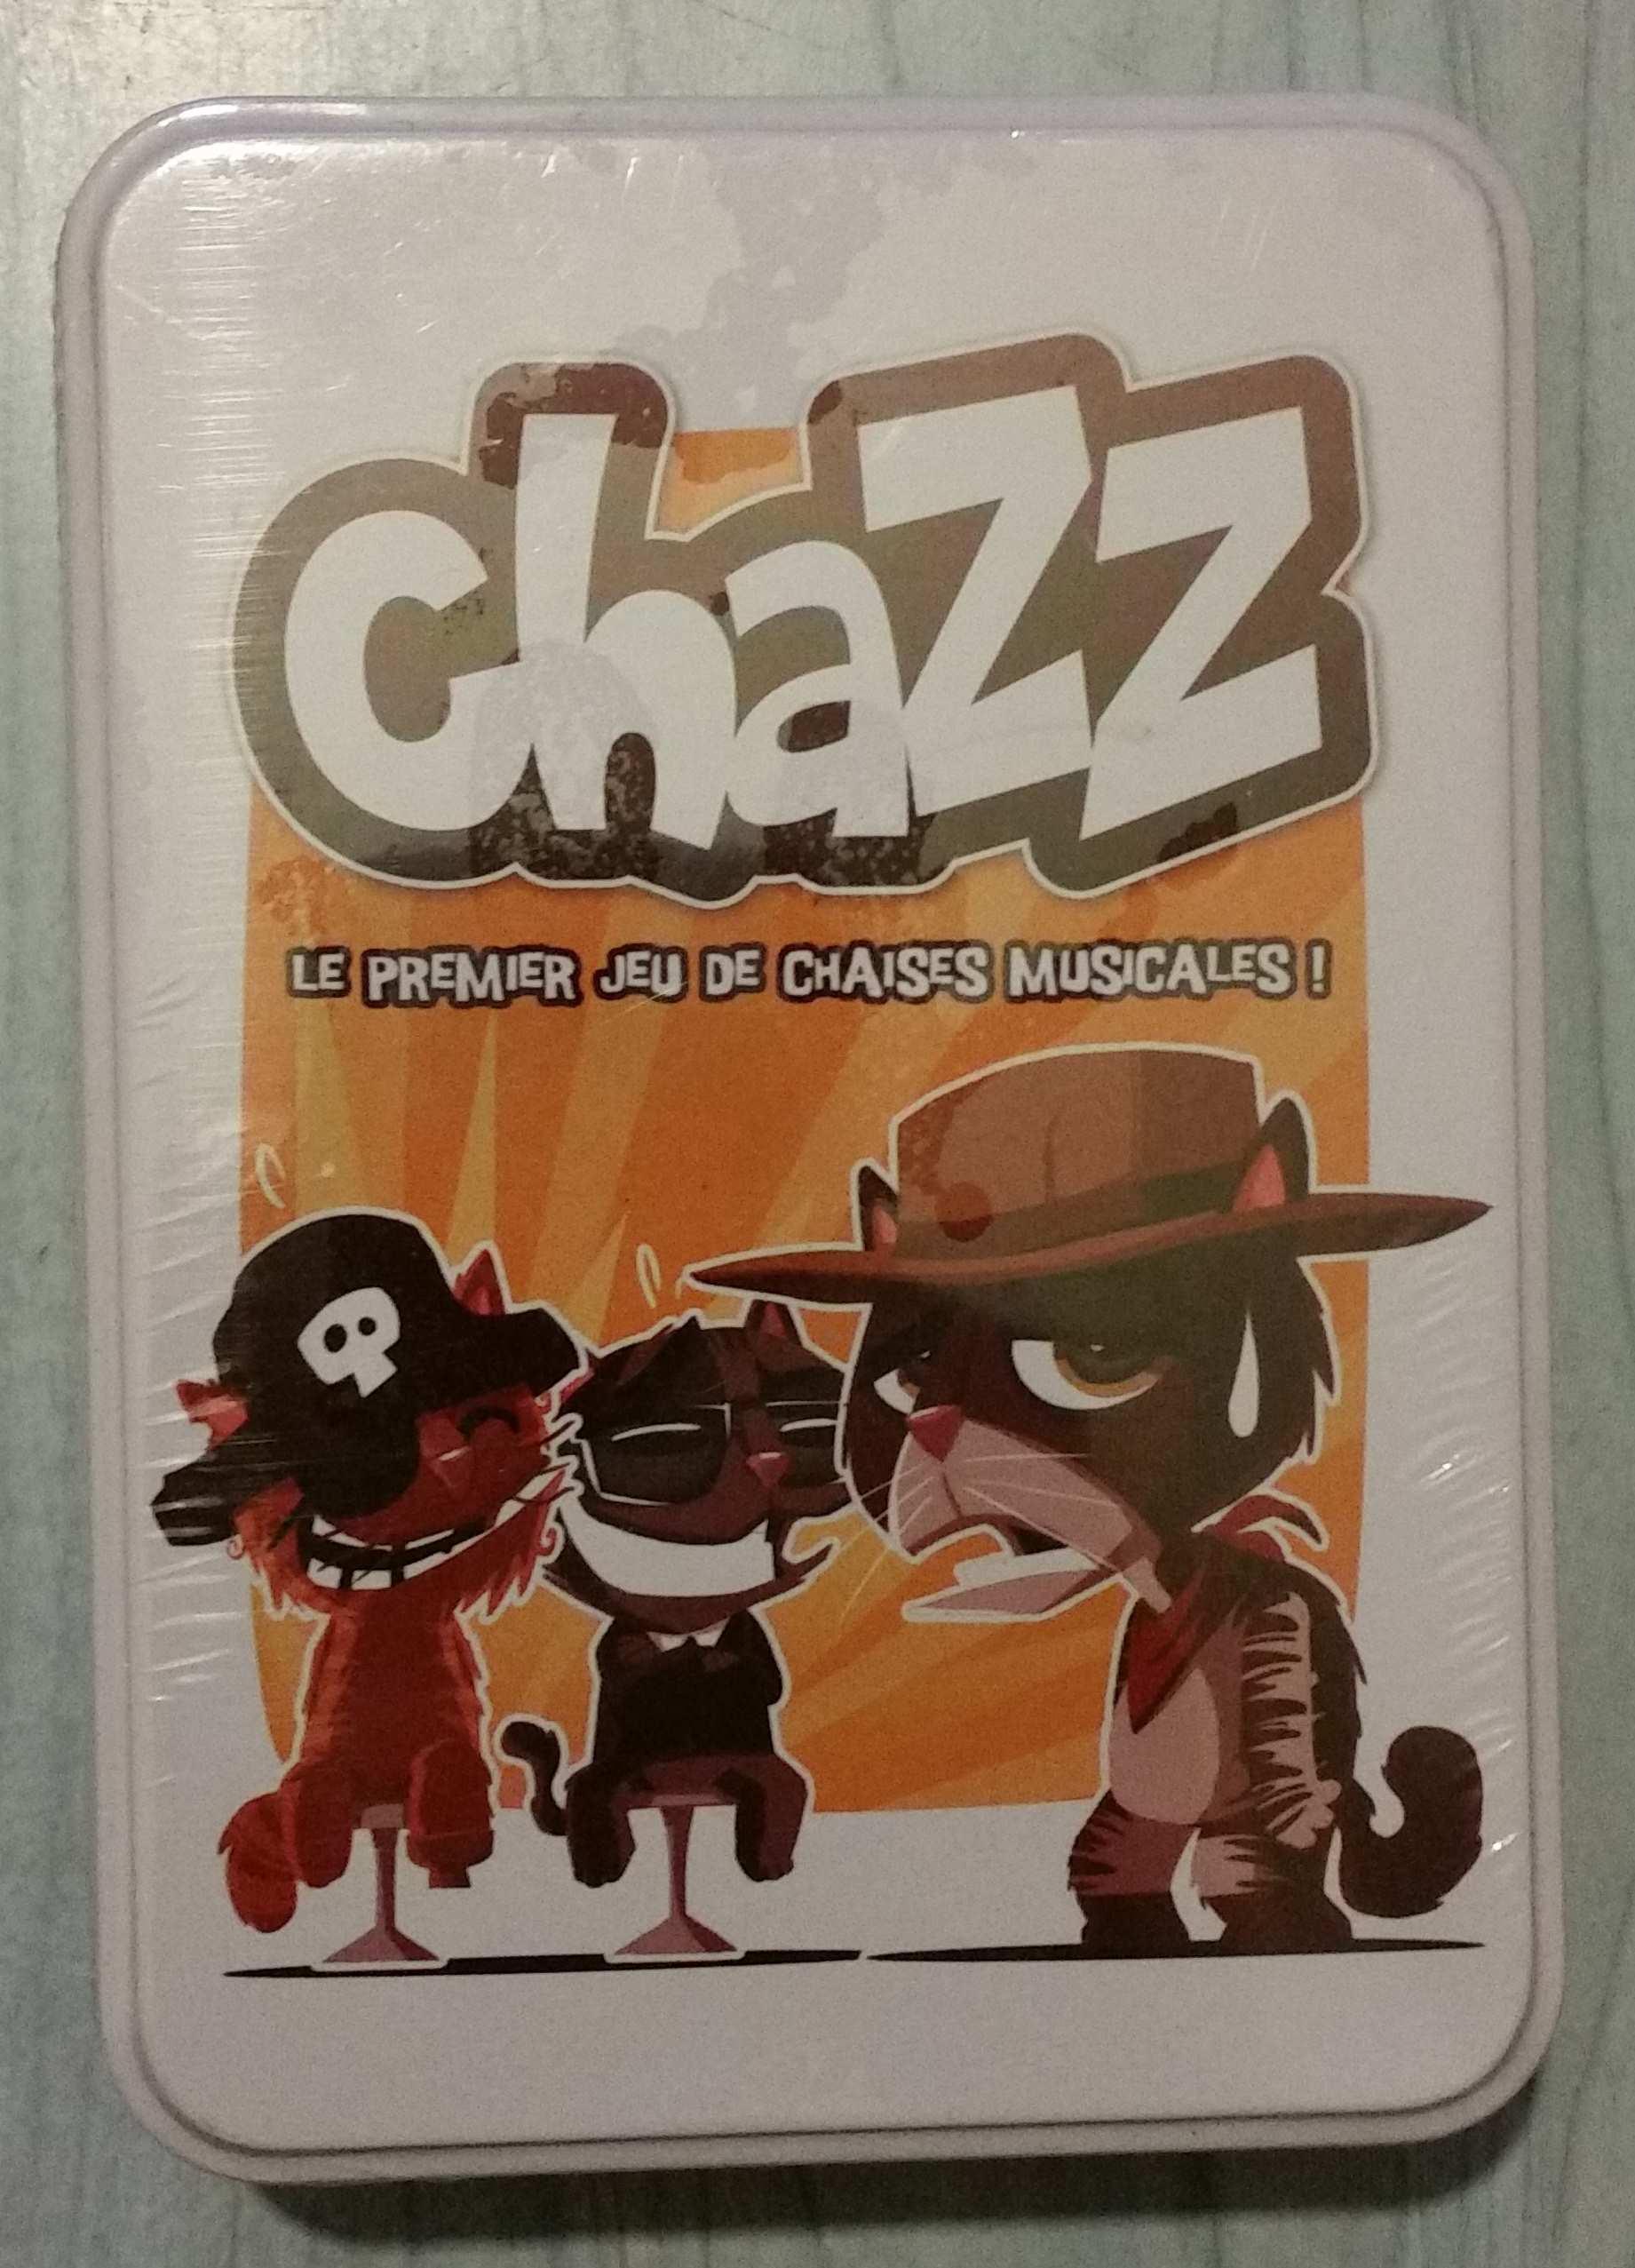 Chazz le premier jeu de chaises musicales !